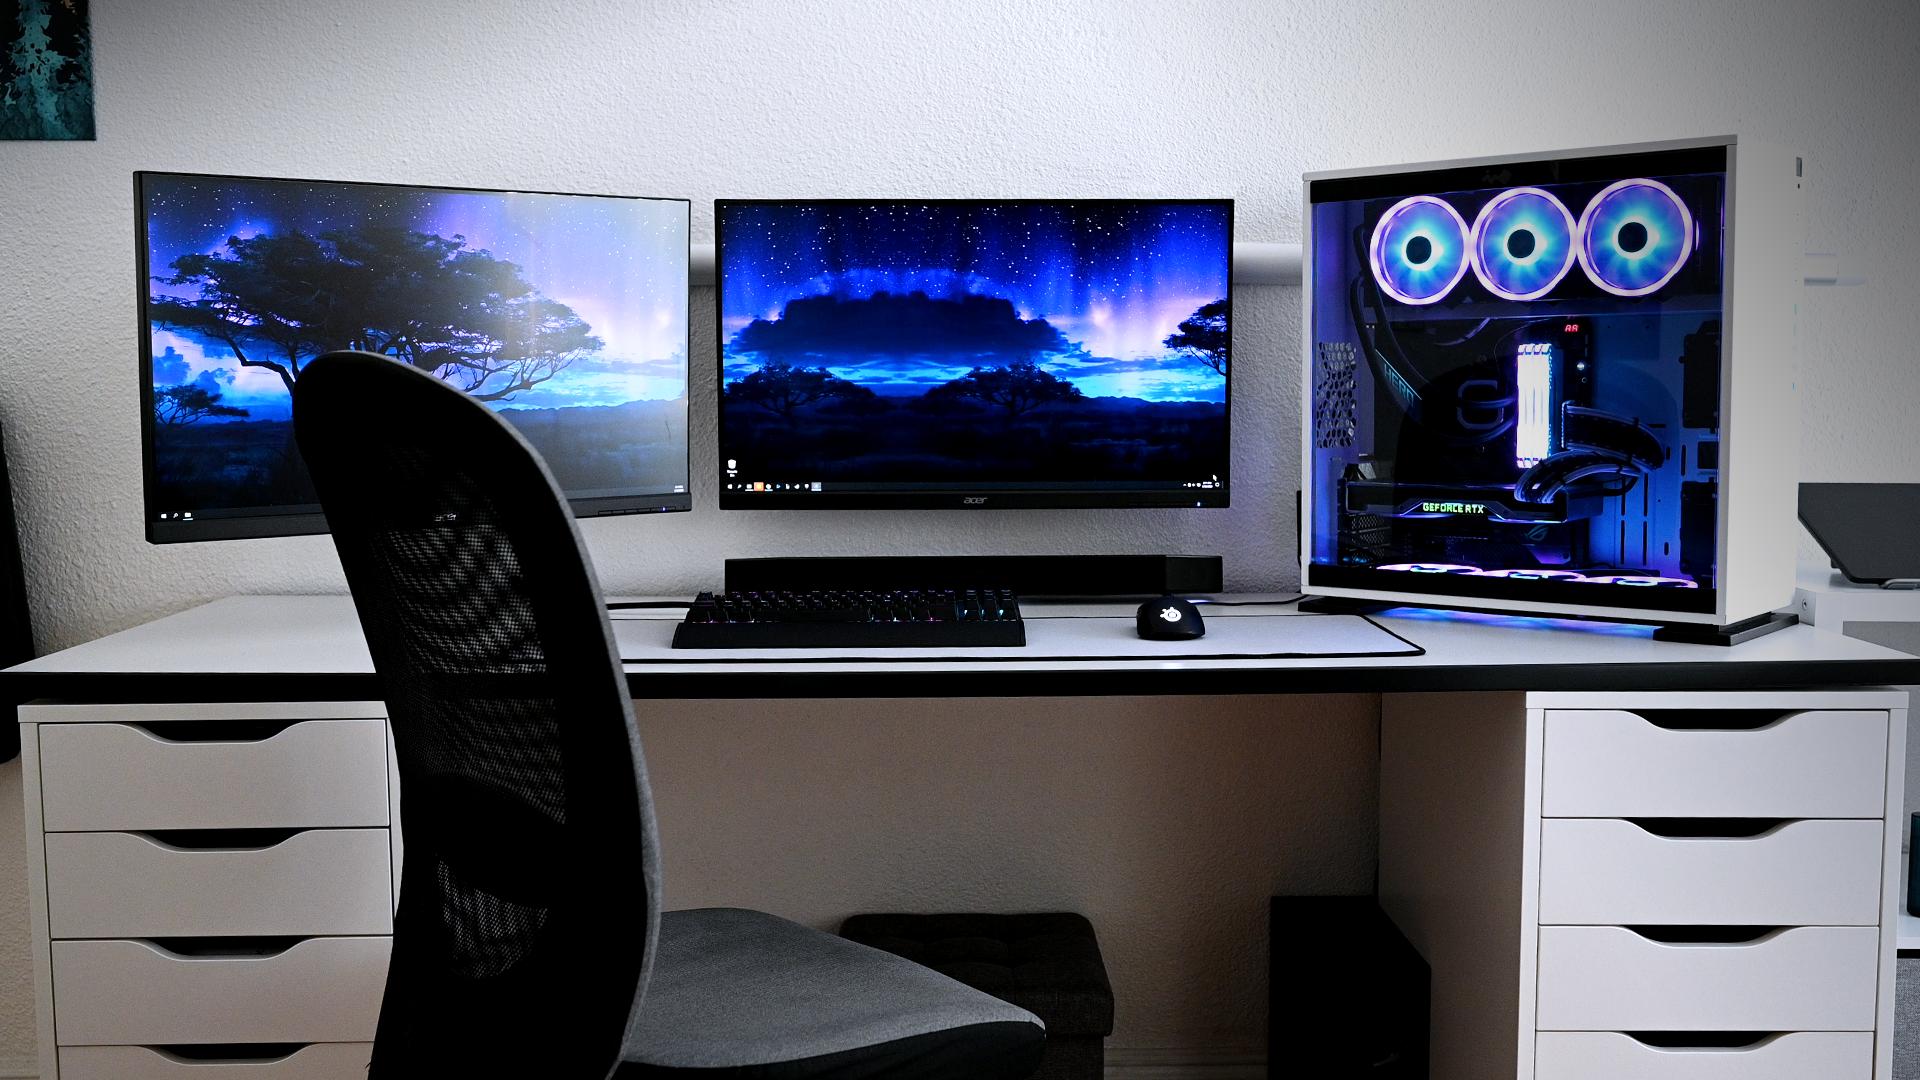 4k Workstation And Gaming Desktop In 2020 Workstation Gaming Desktop Computer Setup